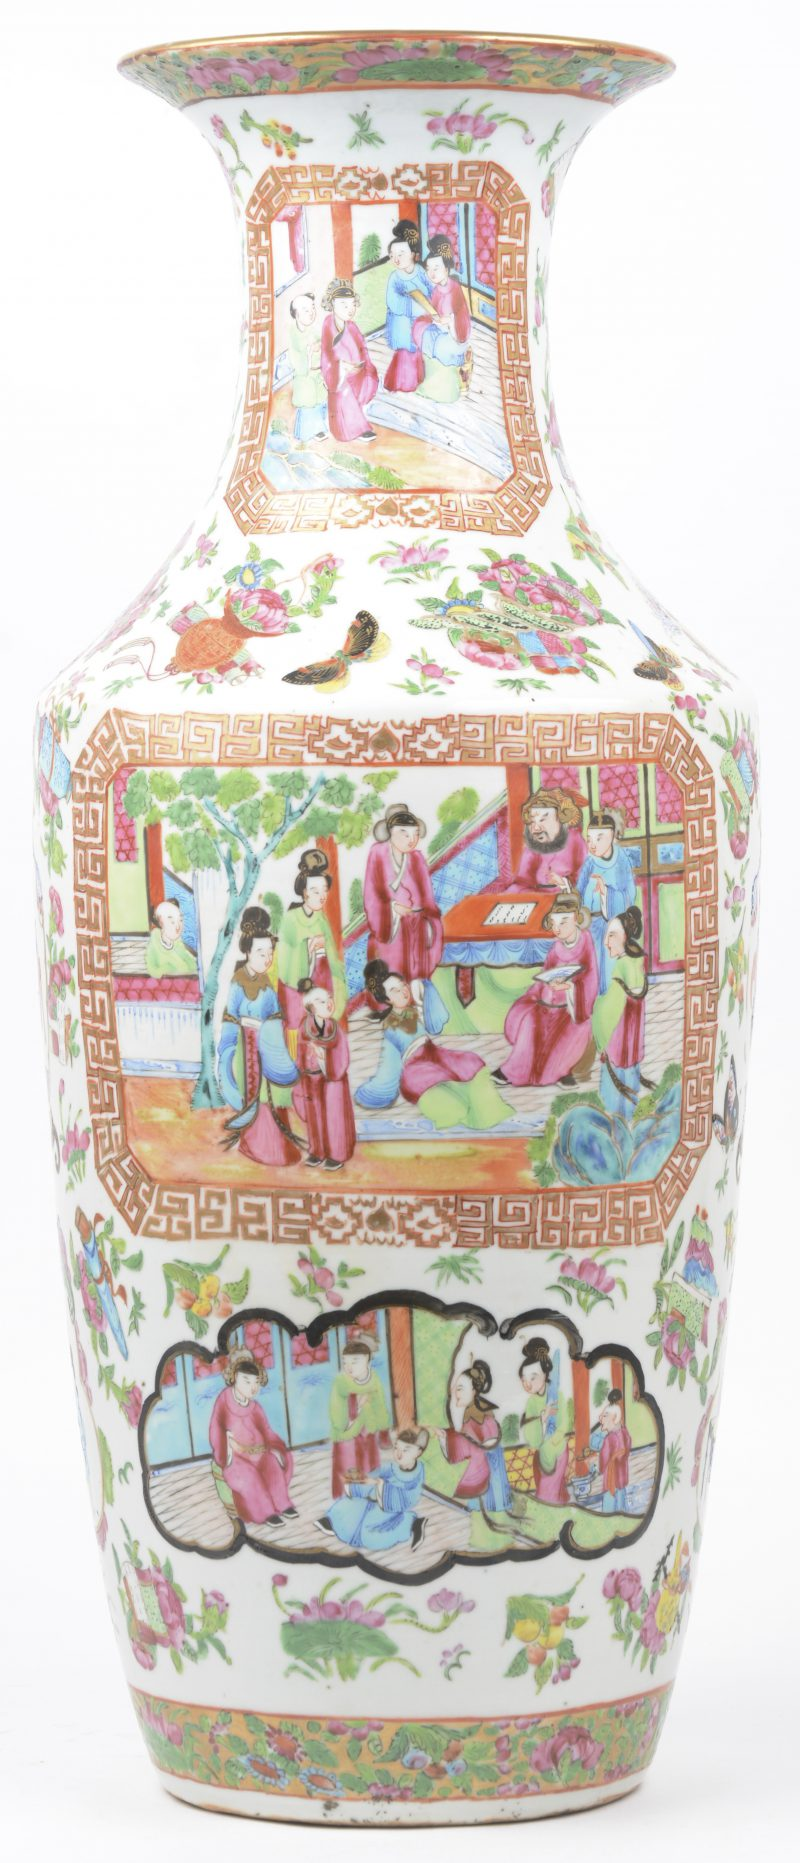 Een vaas van Cantonporselein met een meerkleurig decor van een klasscène in cartouces op achtergrond van bloemen en vlinders. XIXe eeuw.